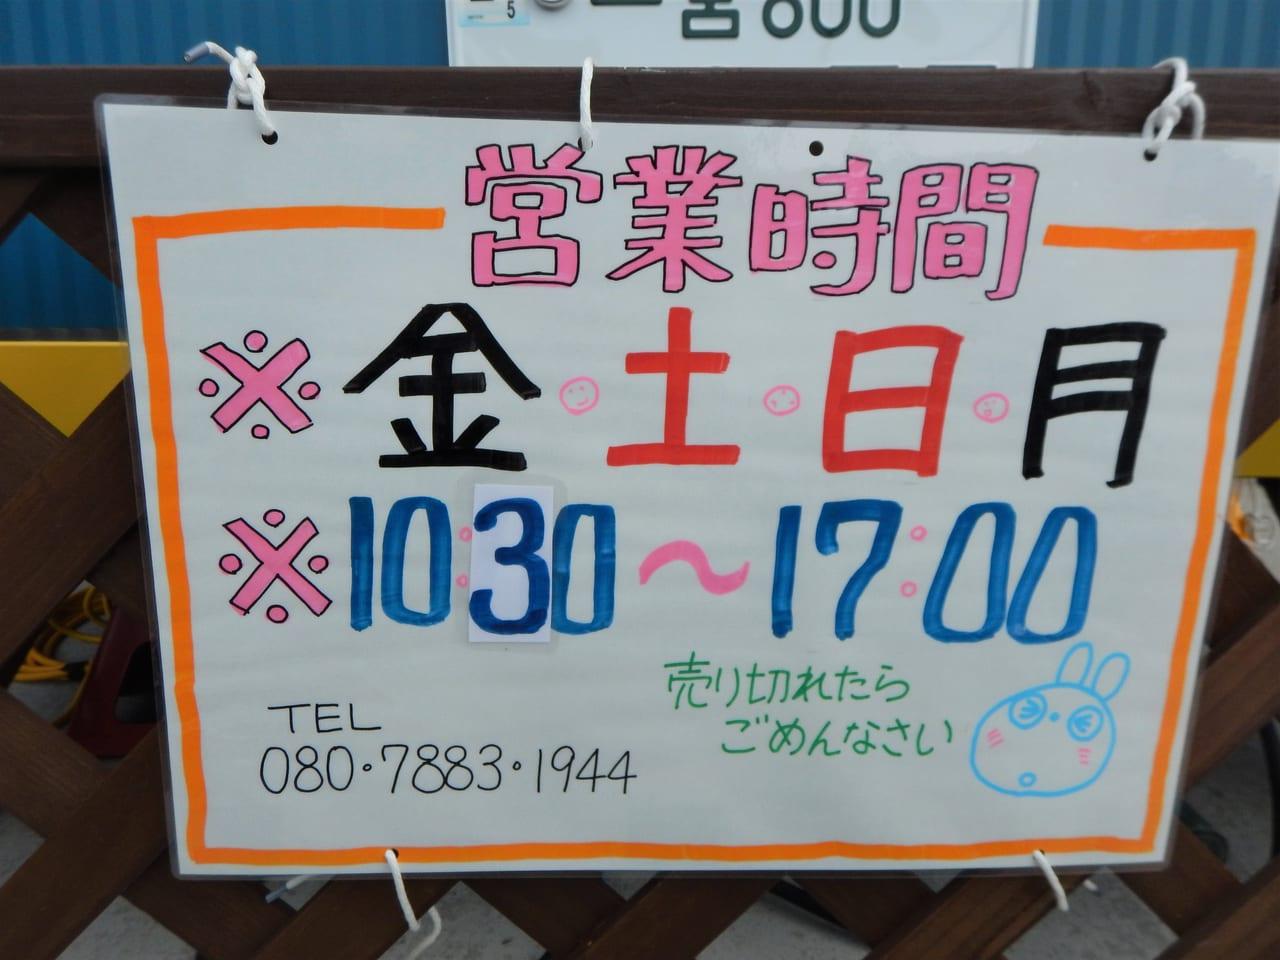 だんごやあんちゃんのお団子 五王製菓 五王木曽川店の営業時間